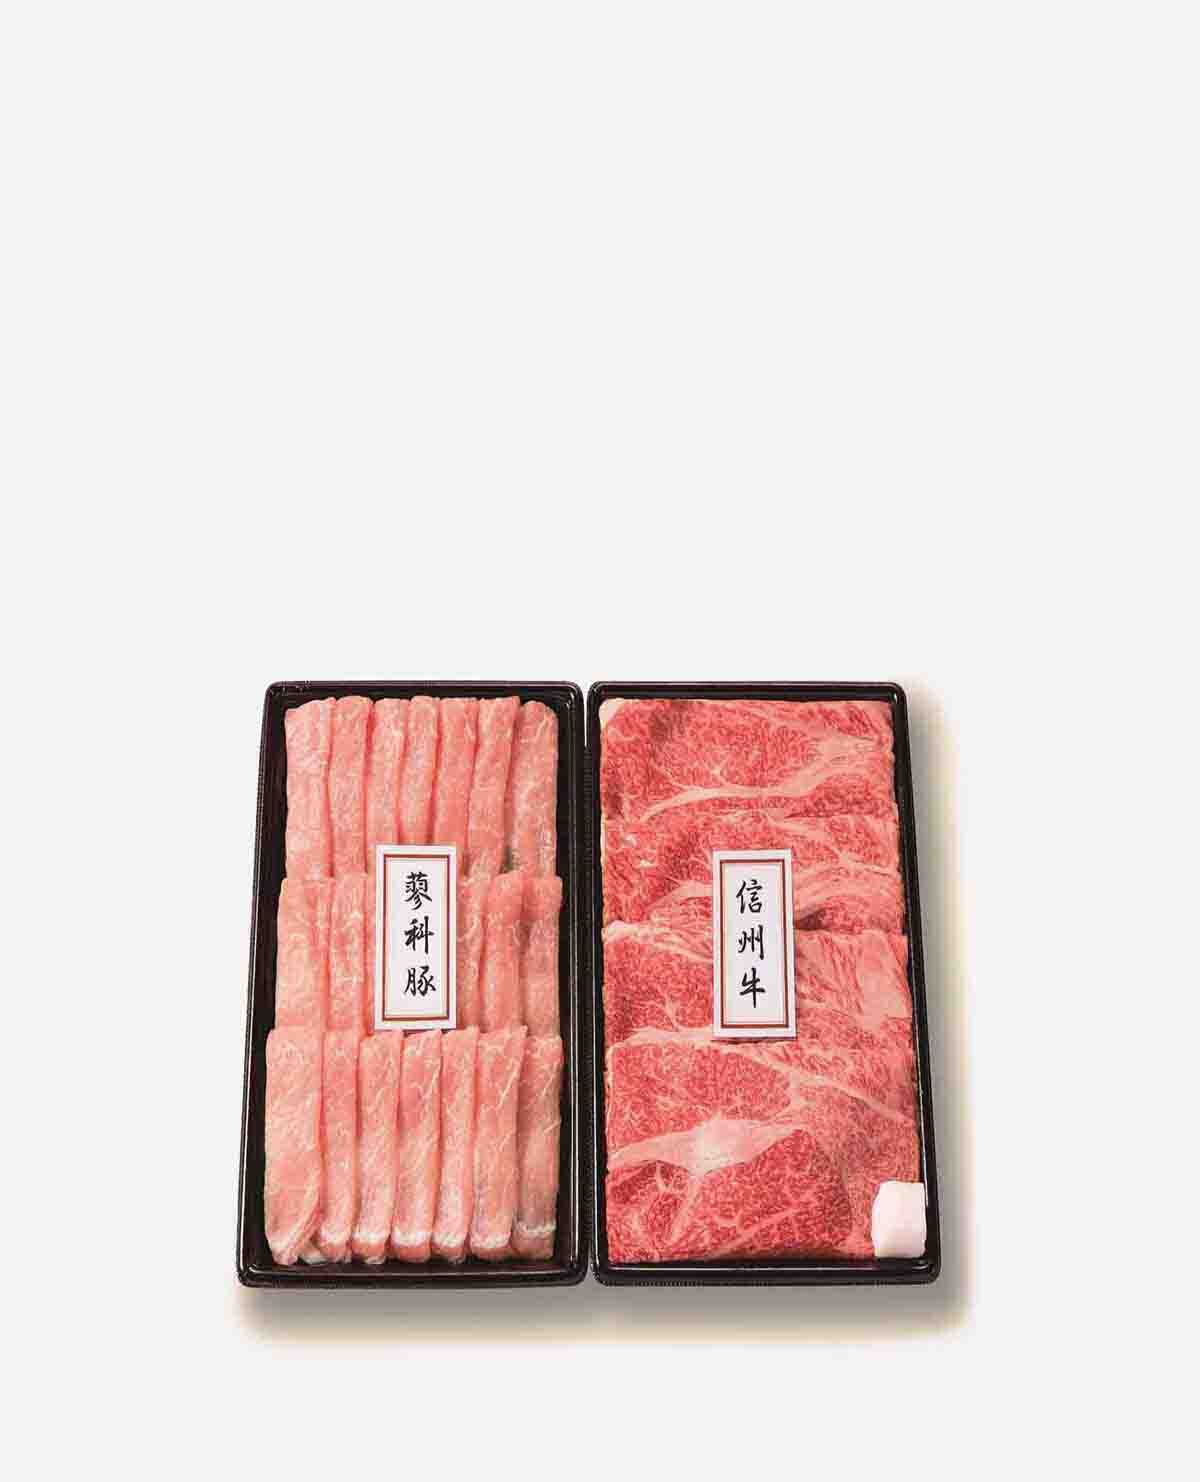 長野県産信州牛・蓼科豚 うす切りセットSTS50